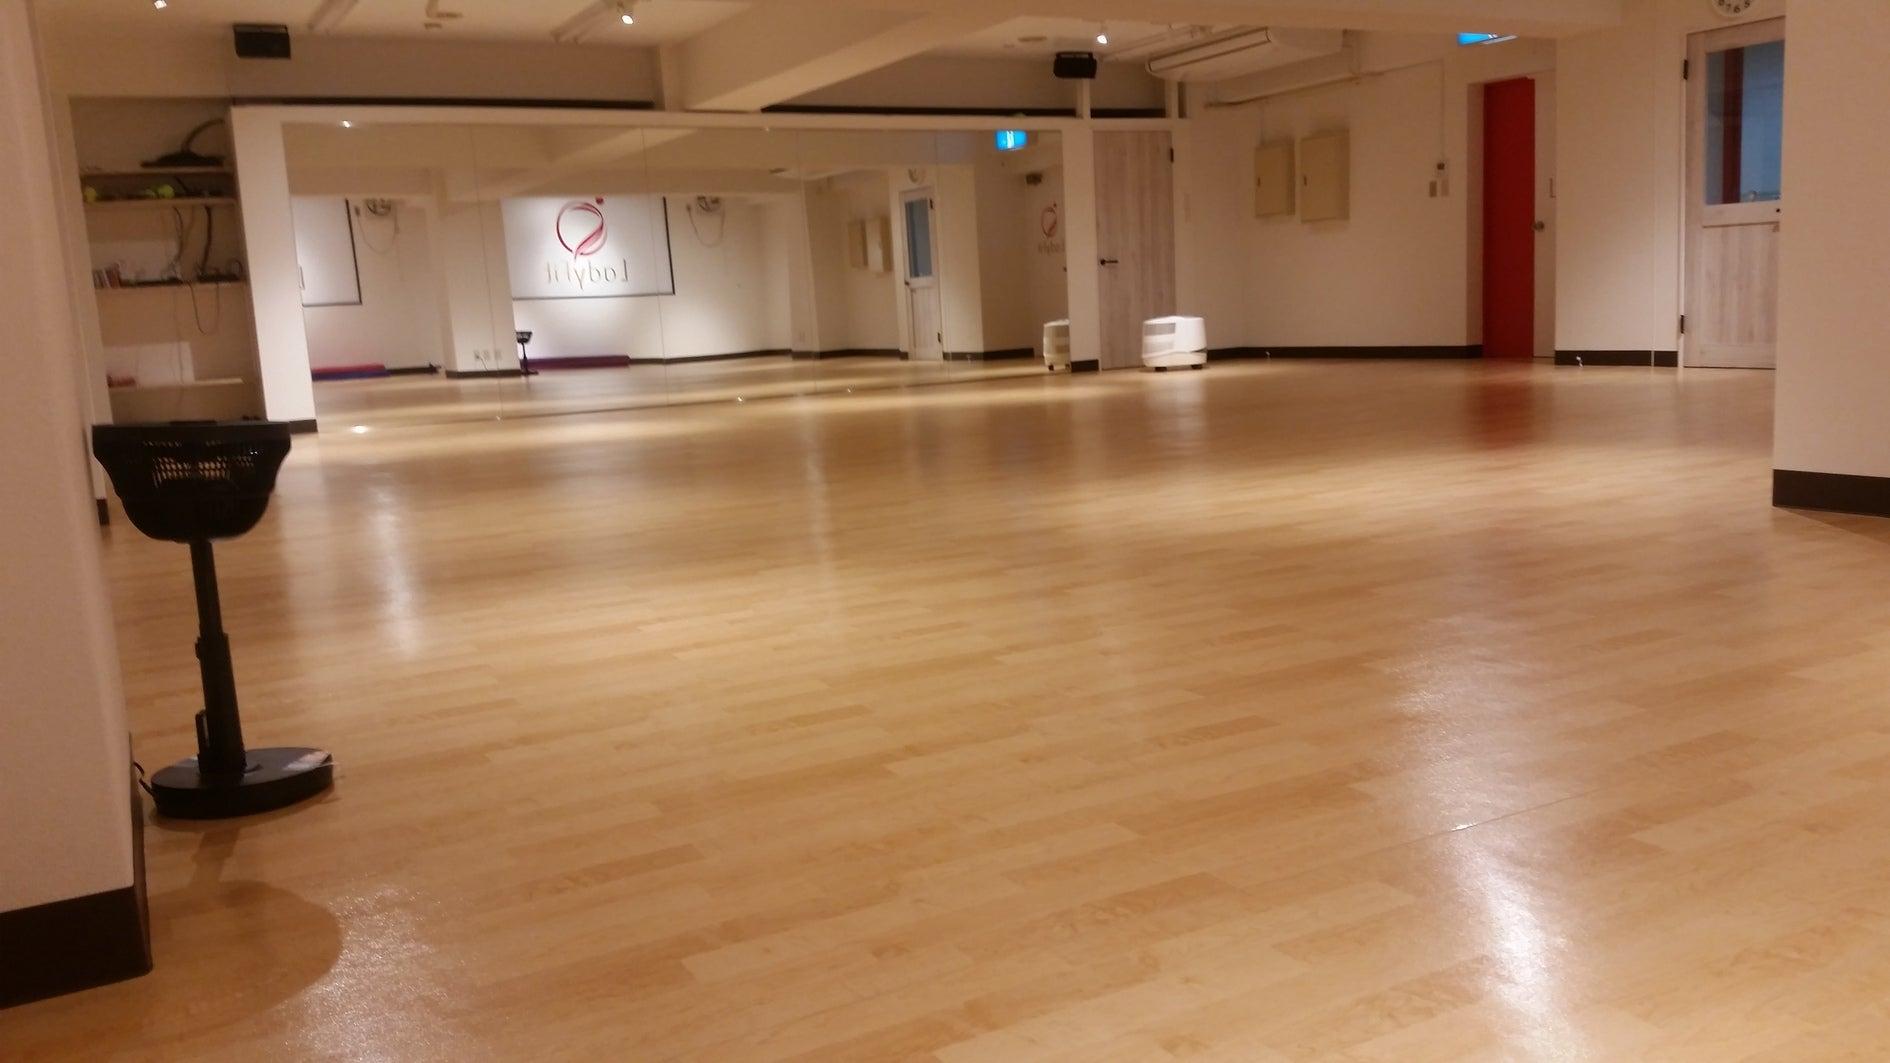 yoga、ダンスなど広いスペースをお探しの方に最適です。(yoga、ダンスなど広いスペースをお探しの方に最適です。) の写真0